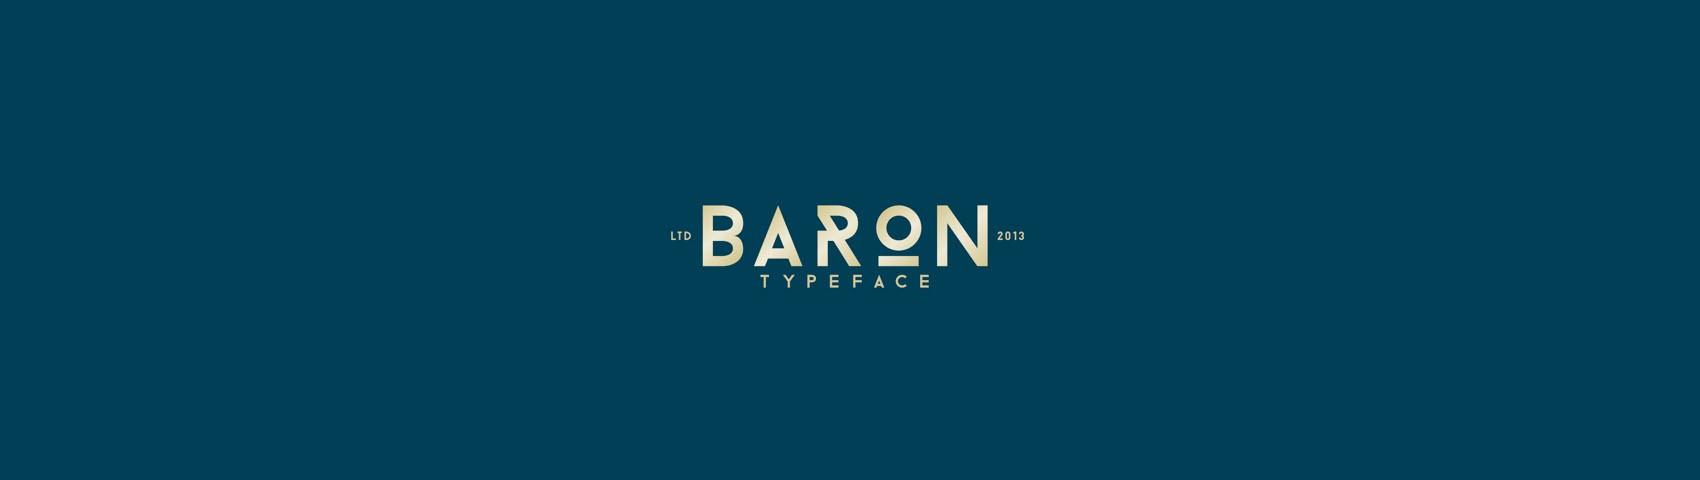 Baron Fuente